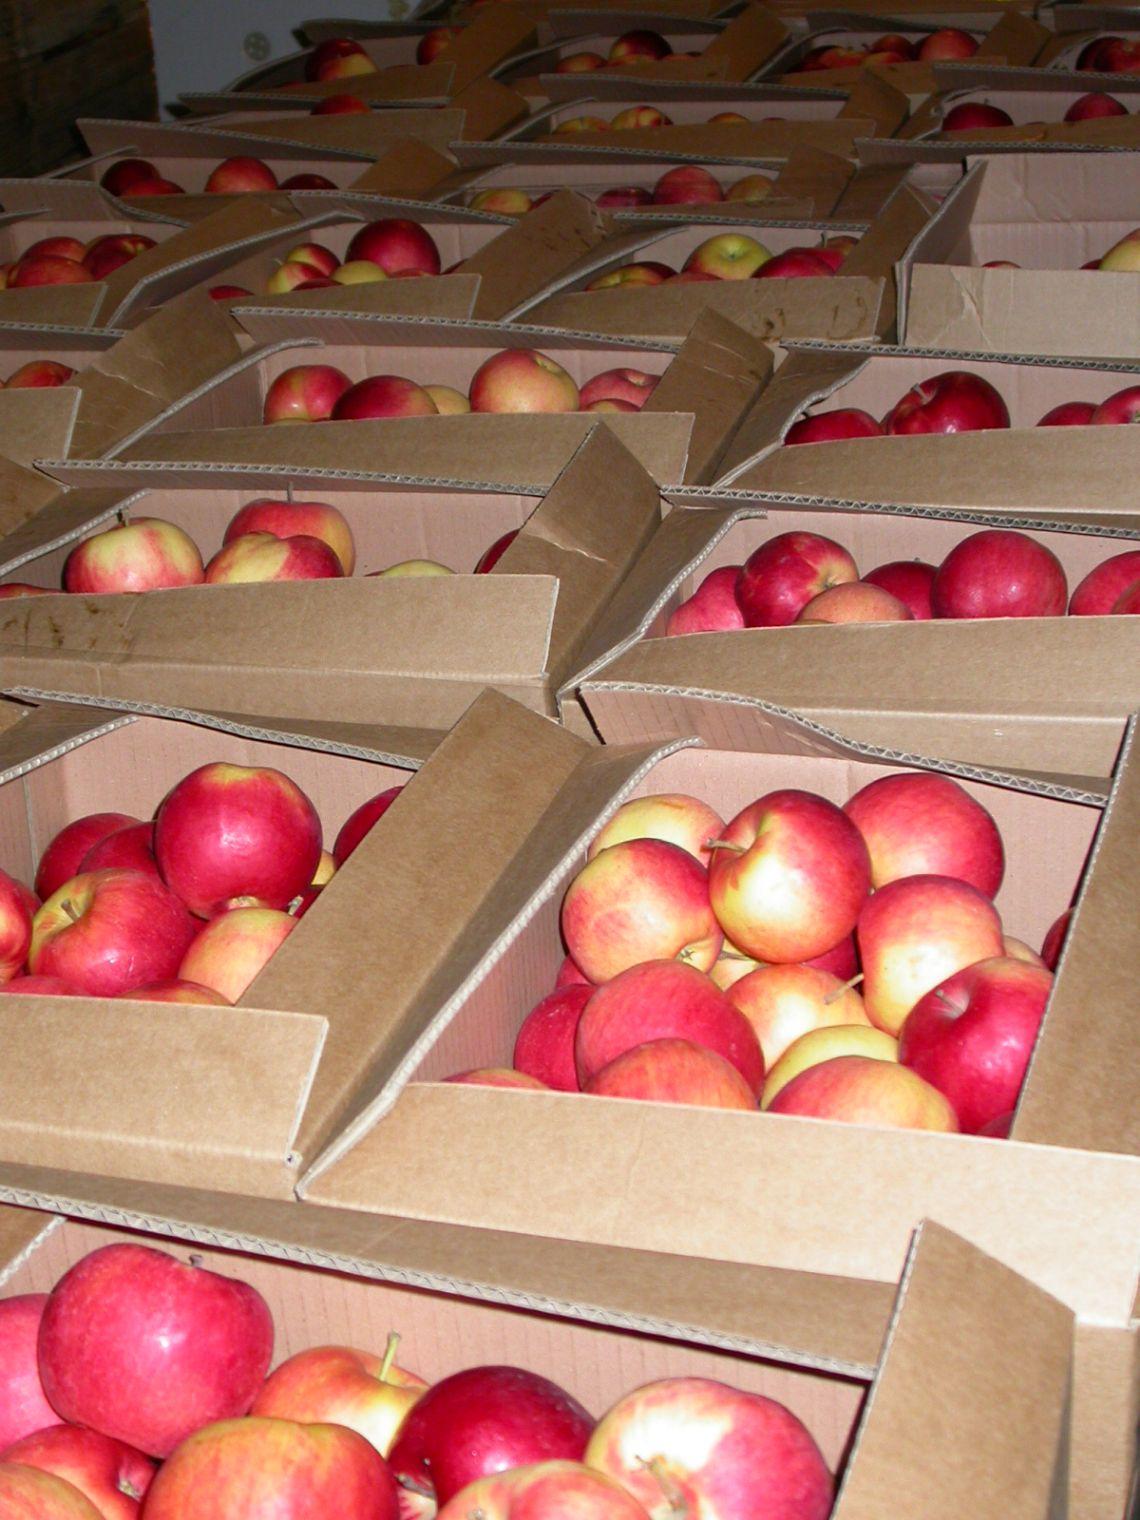 Dziś Unia Europejska pije soki głównie z naszych jabłek, jutro może sięgnąć po tańsze: ukraińskie, mołdawskie, a może nawet chińskie